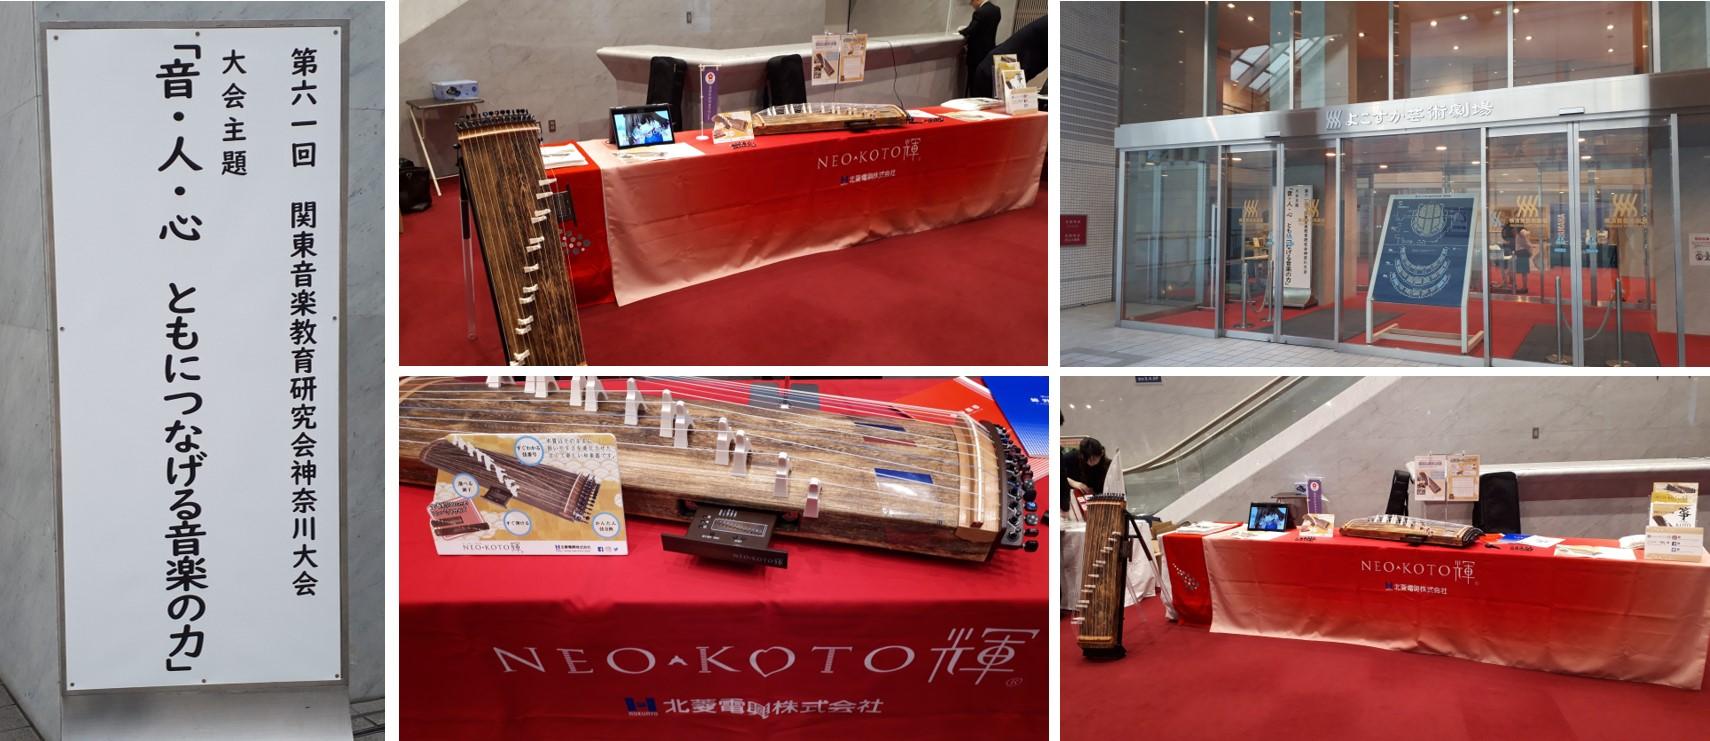 2019年11月15日:第61回関東音楽教育研究会 神奈川大会に出展